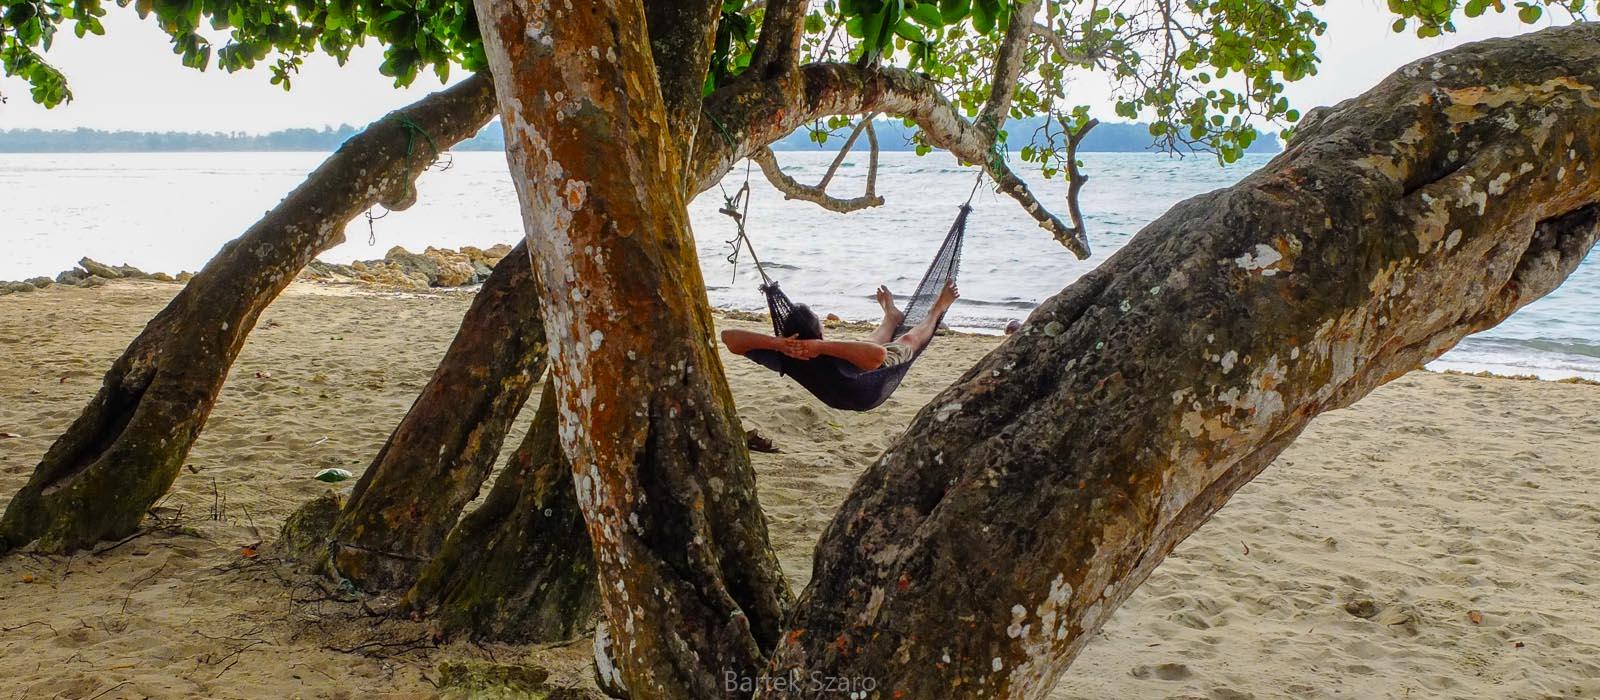 Panama na zdjęciach. Wulkany, czyste plaże, dzika przyroda. Ale czy opłaca się lecieć?